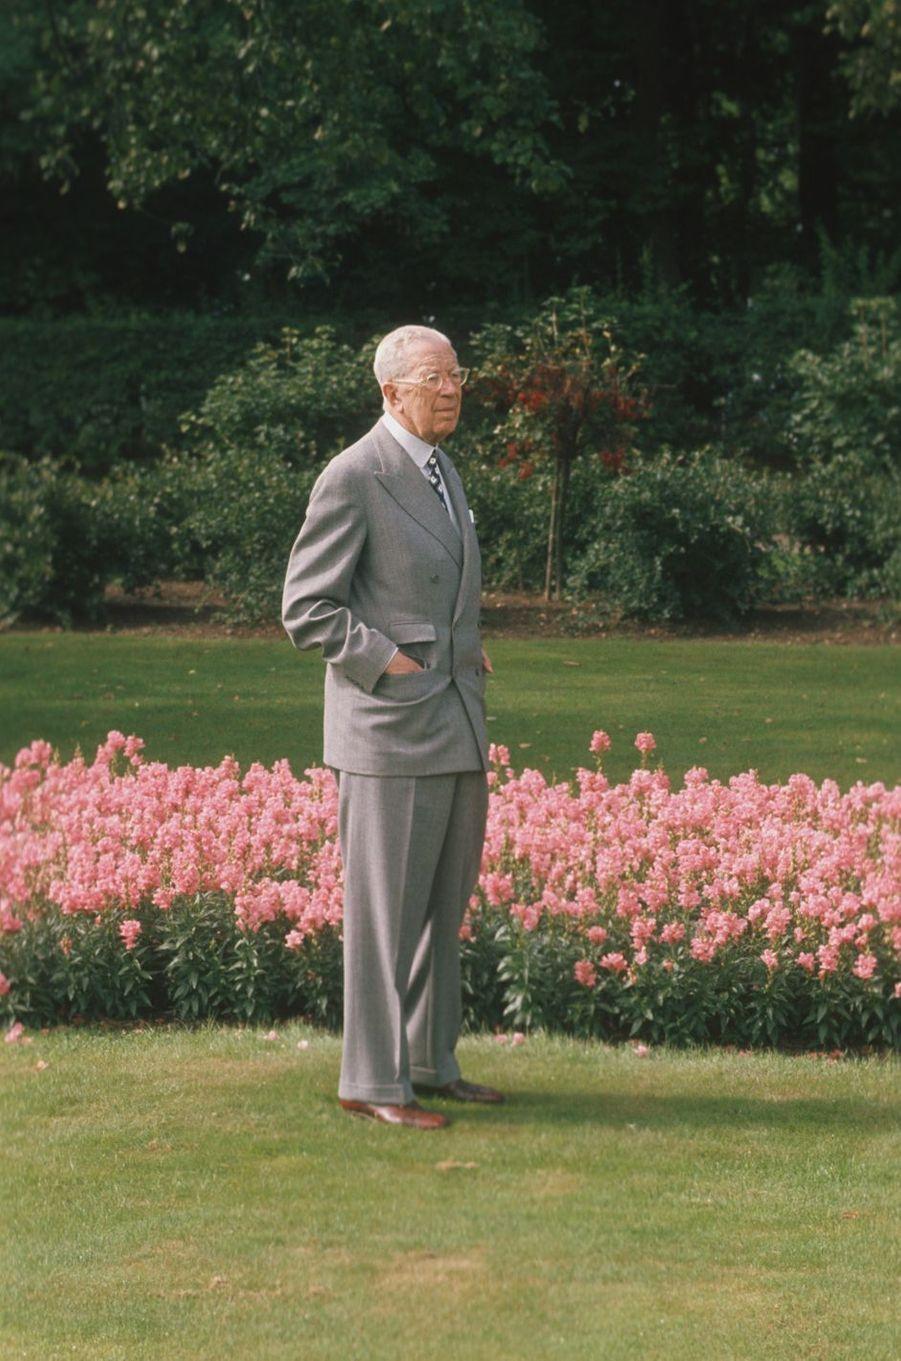 Le roi Gustaf VI Adolf de Suède, le 11 novembre 1972, jour de ses 90 ans